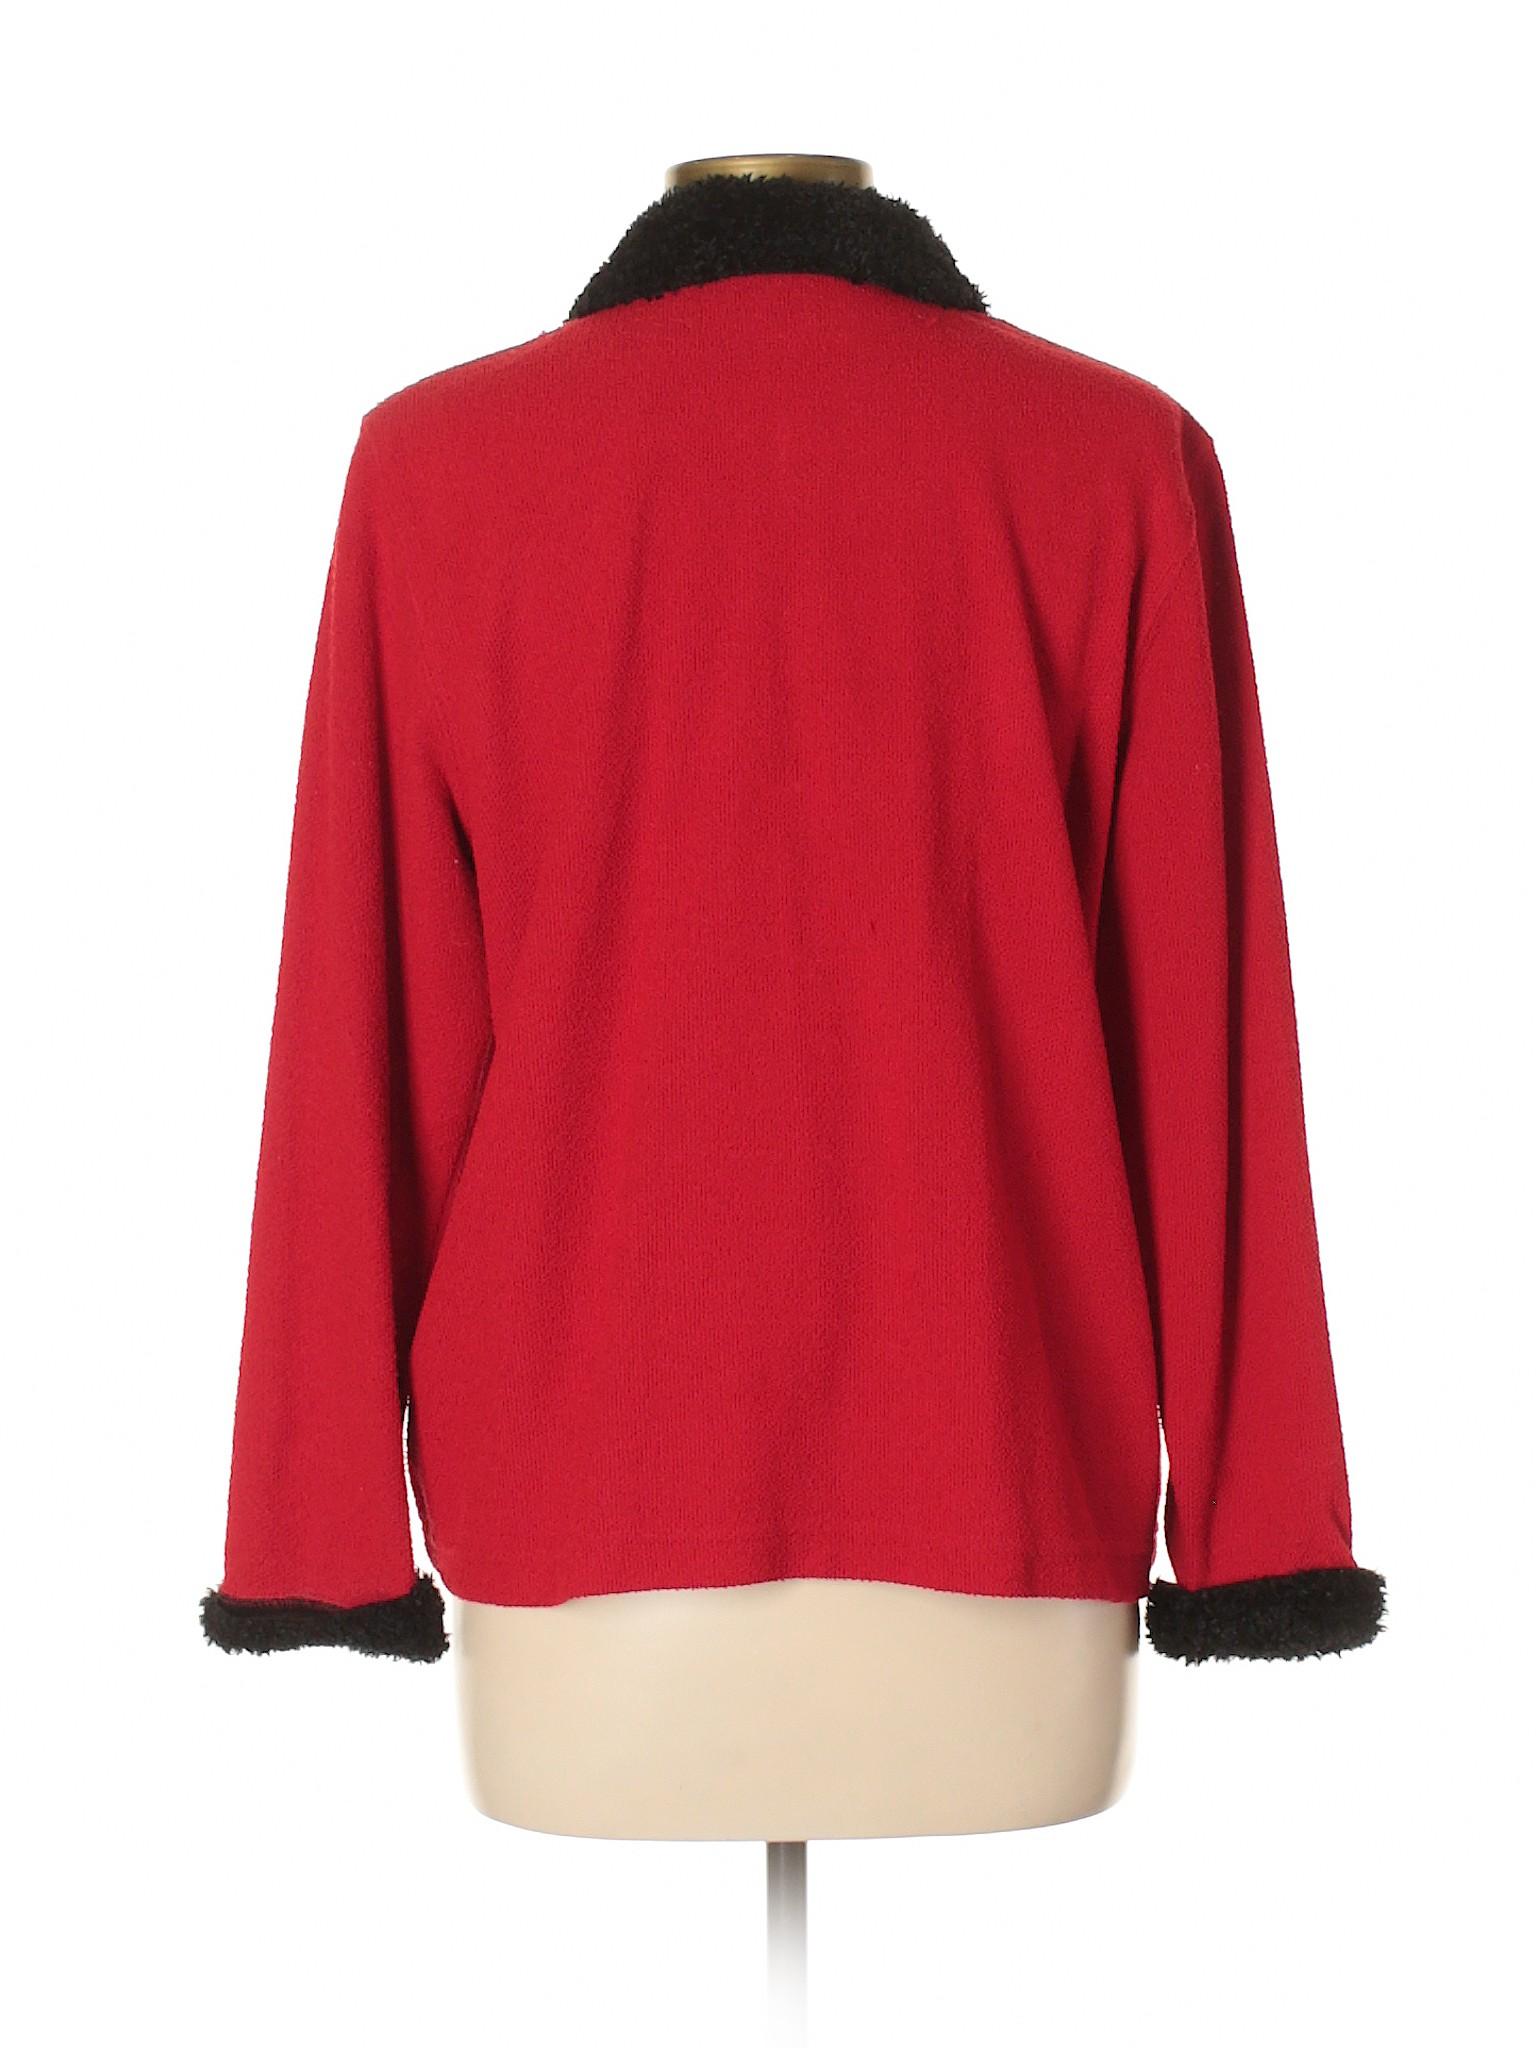 D Jacket Petites C winter Boutique xwaTEvI